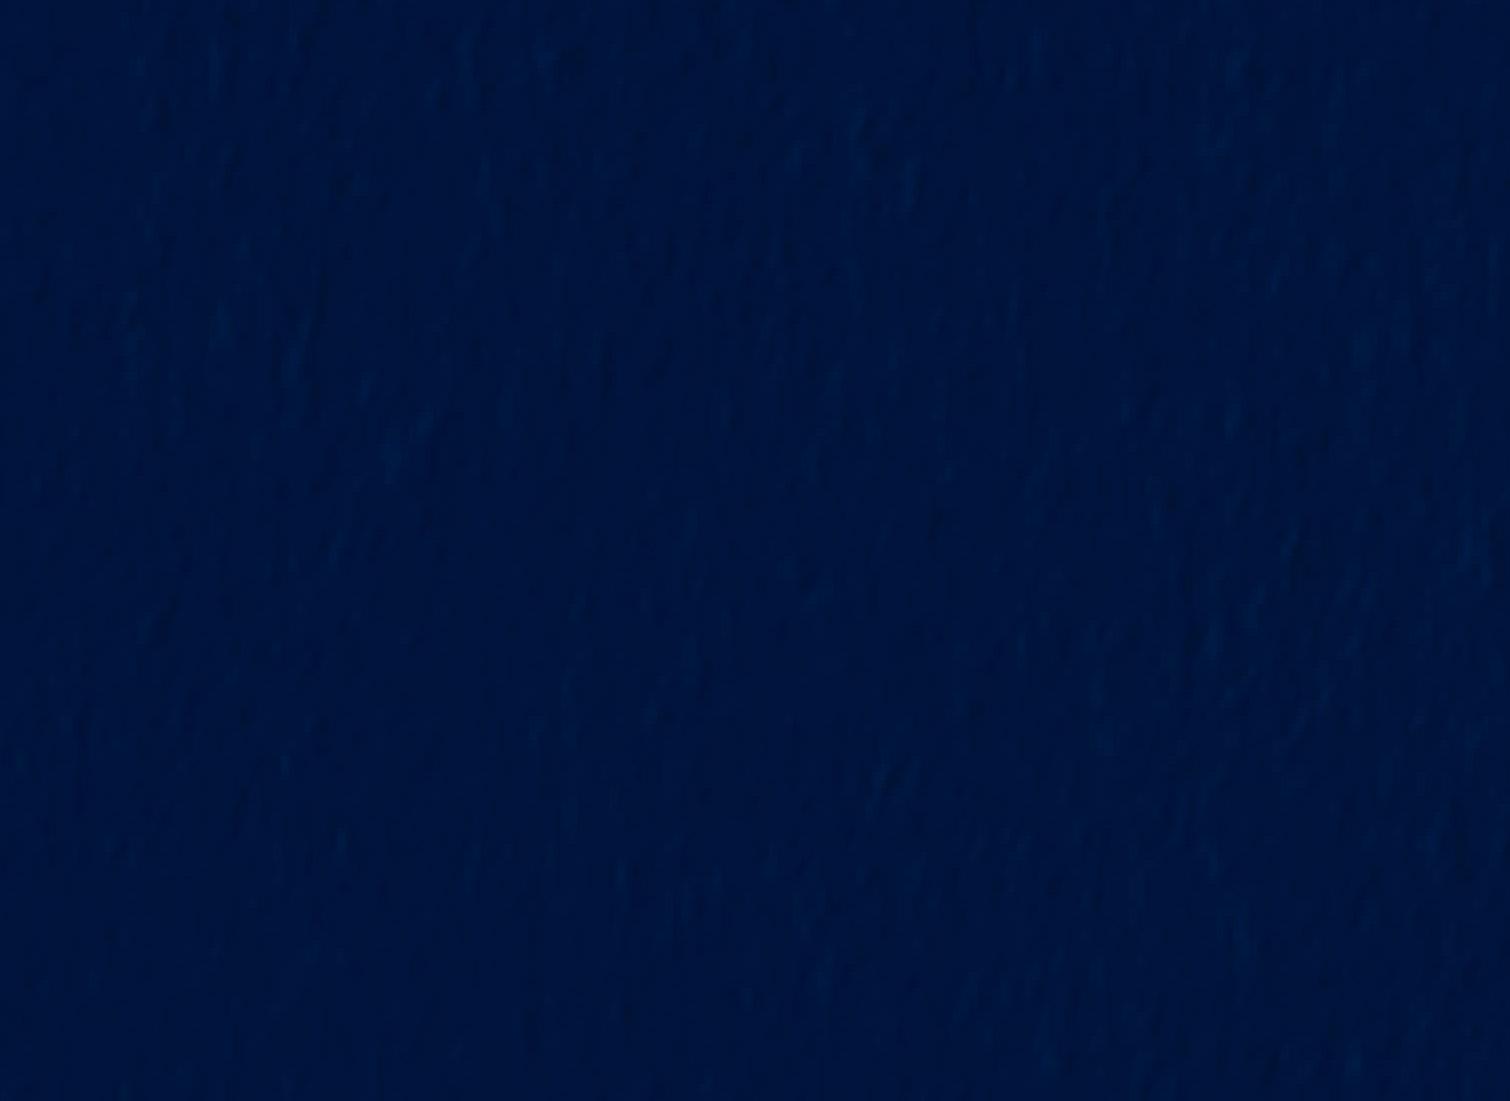 Azul-Indigo